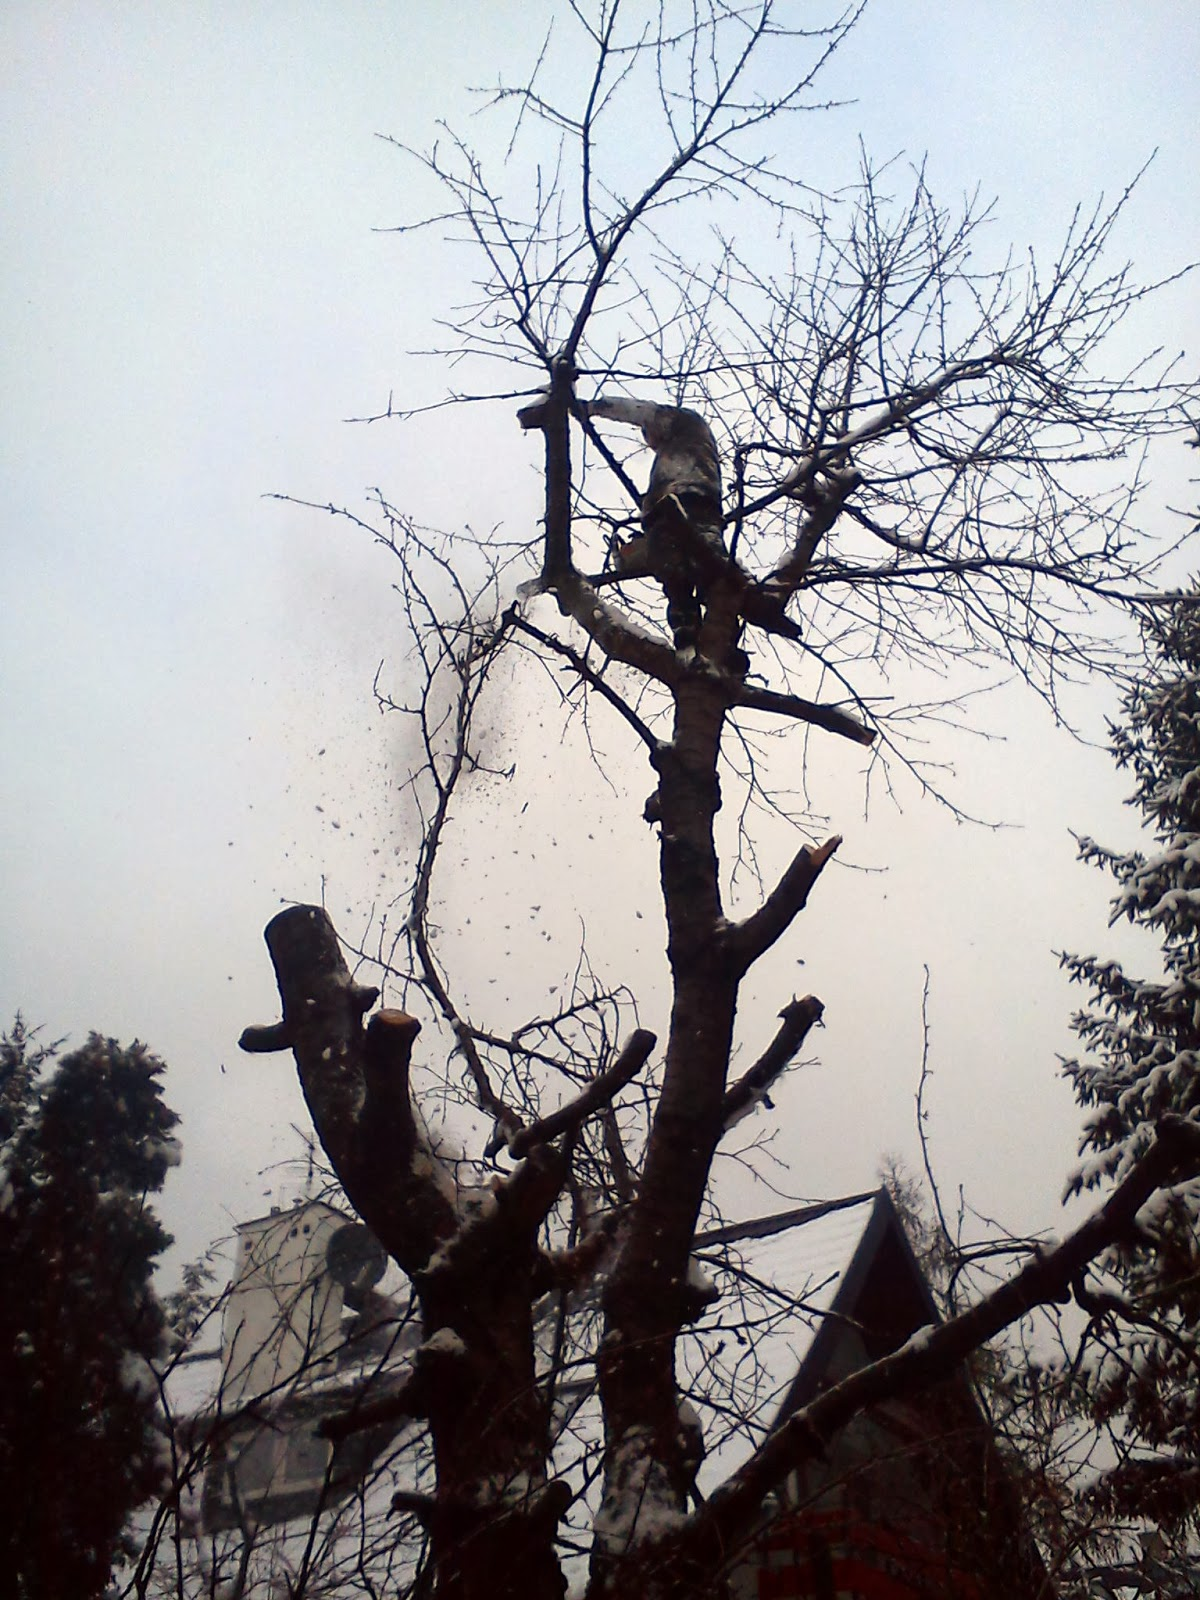 Wycinka alpinistyczna drzew, warszawa, polska